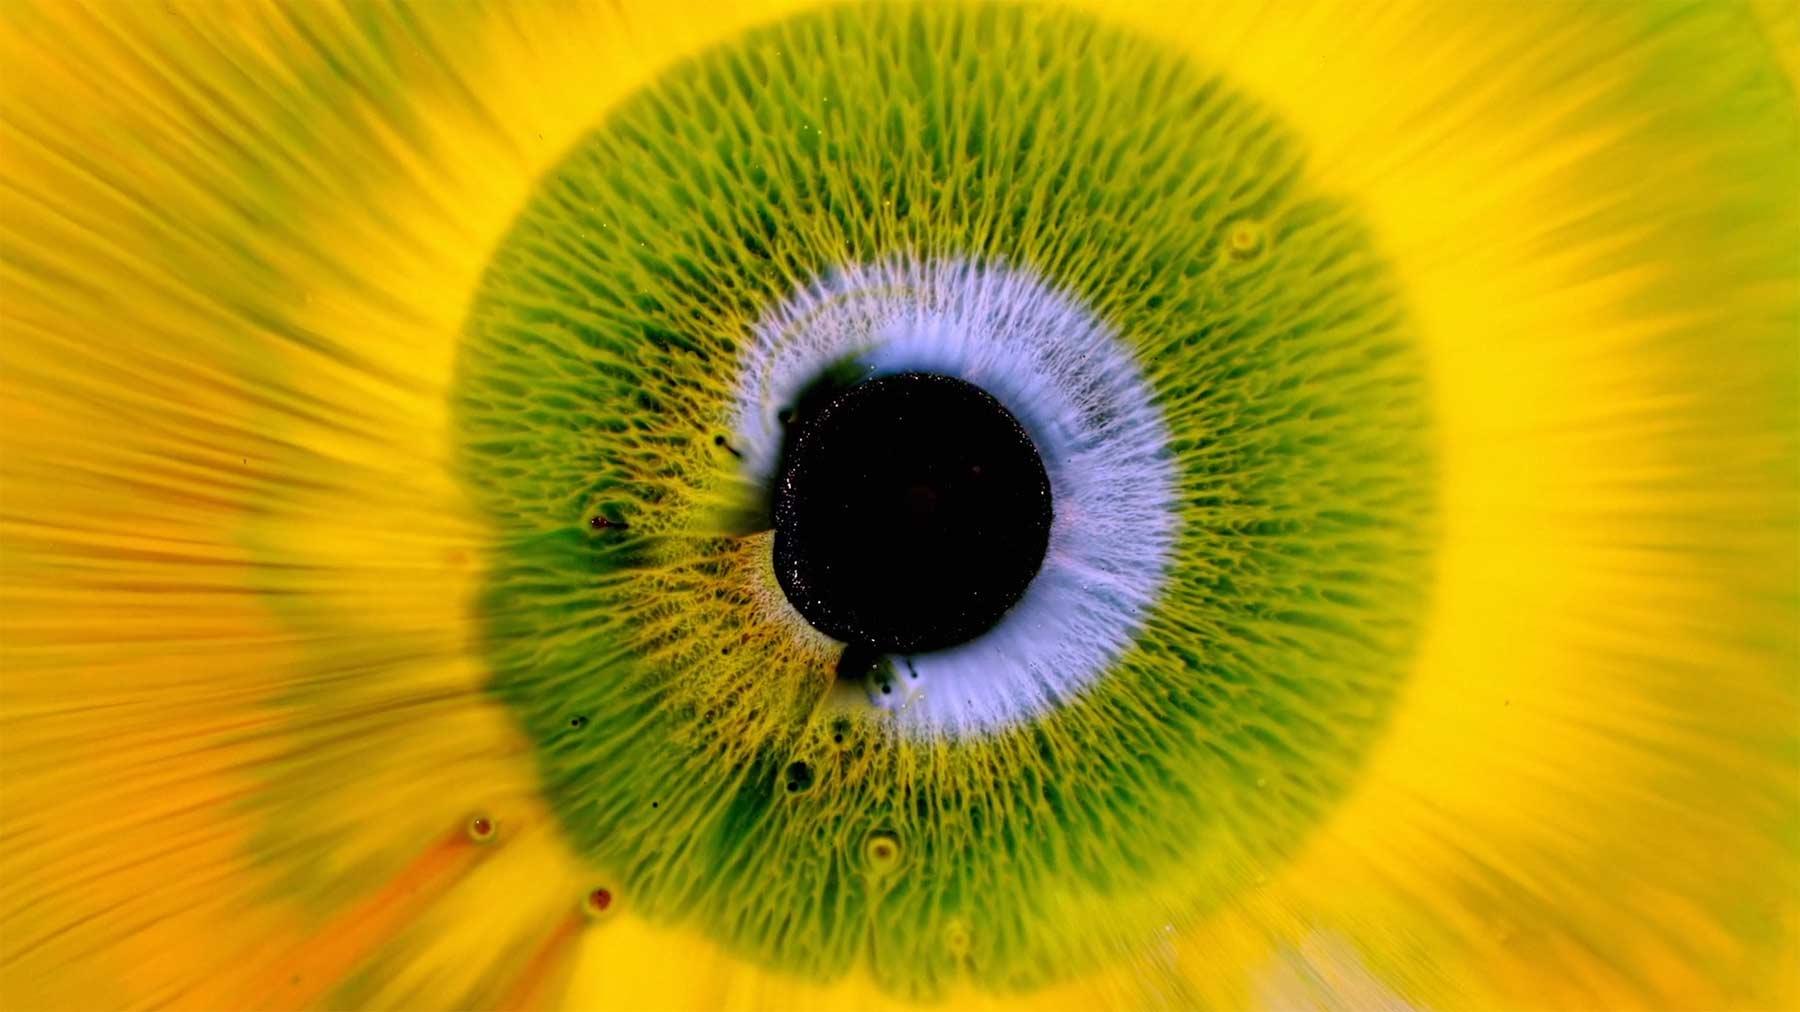 Makro-Aufnahmen von Flüssigkeiten in Iris-Optik heterochromia-iridum